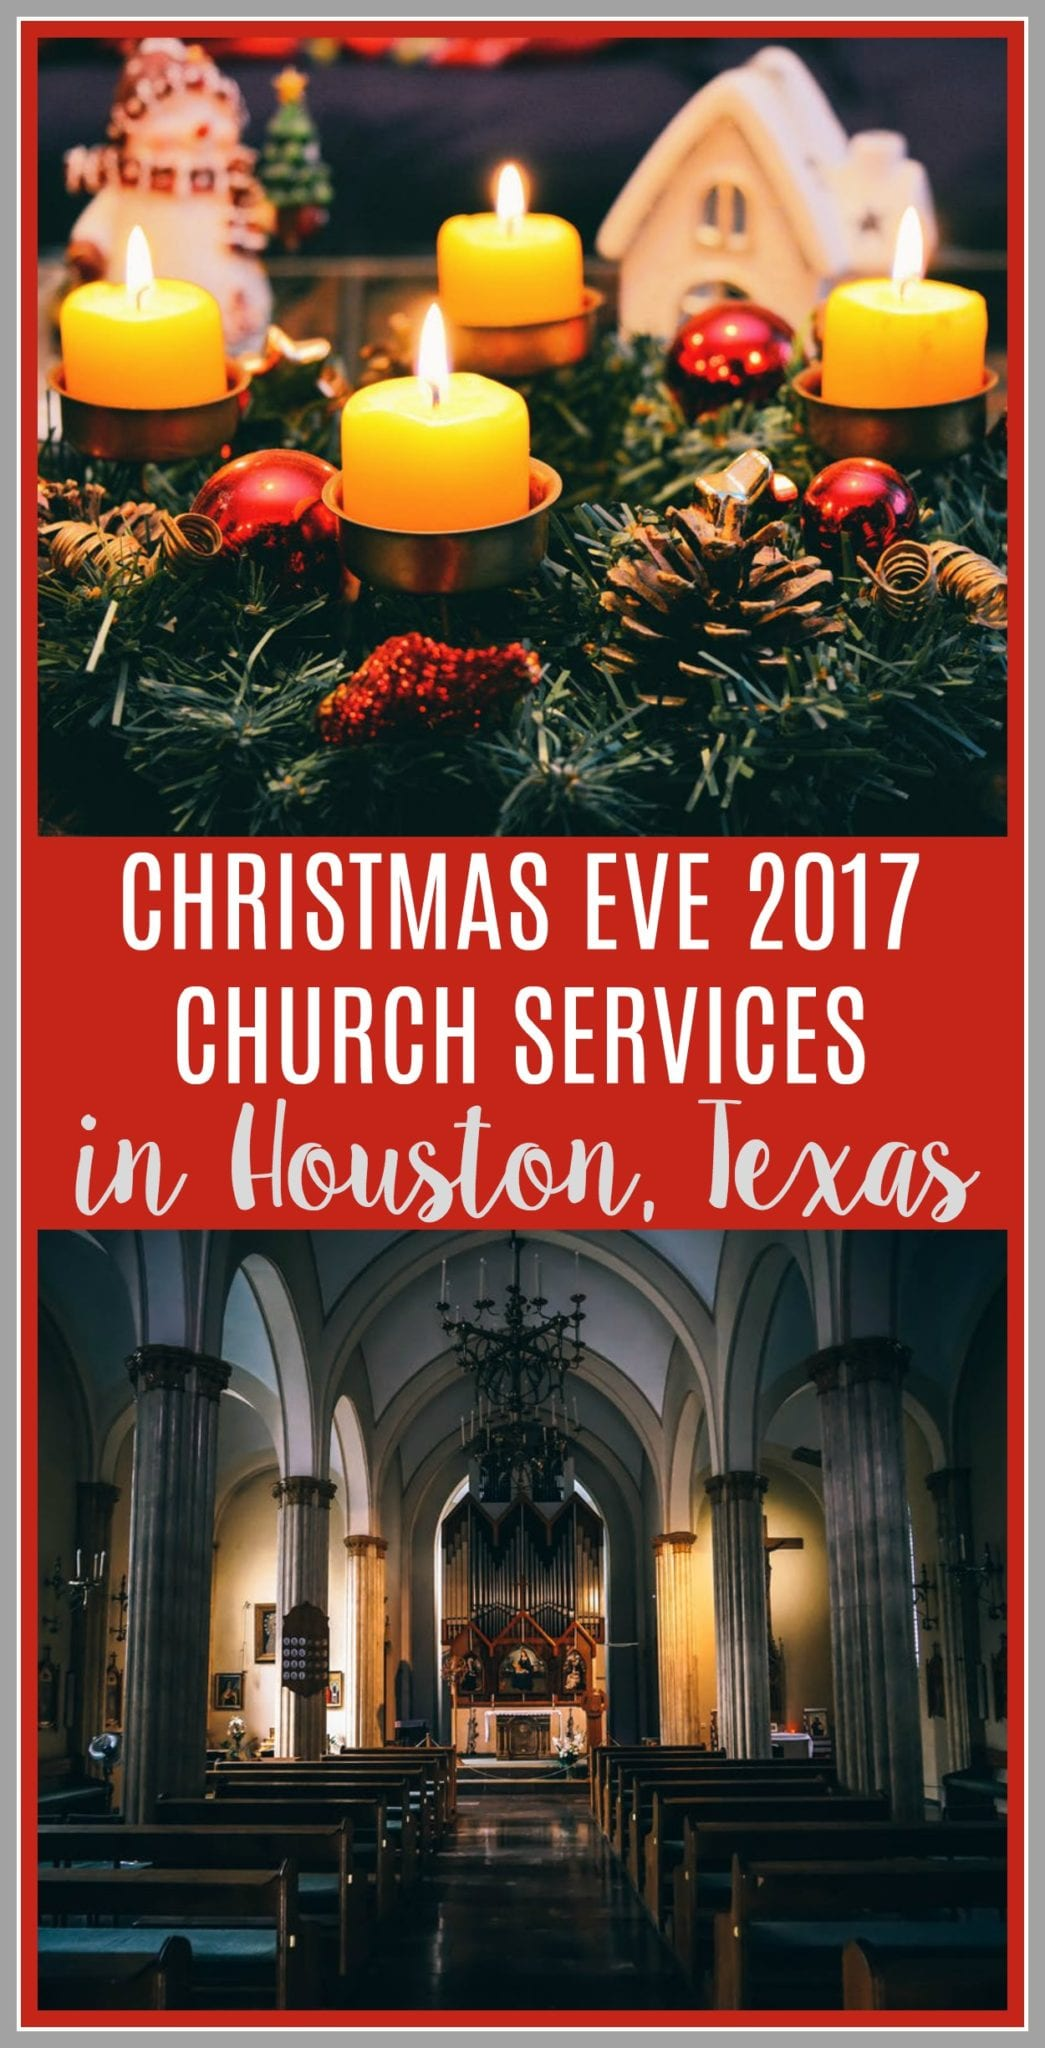 church services, Christian, Christmas